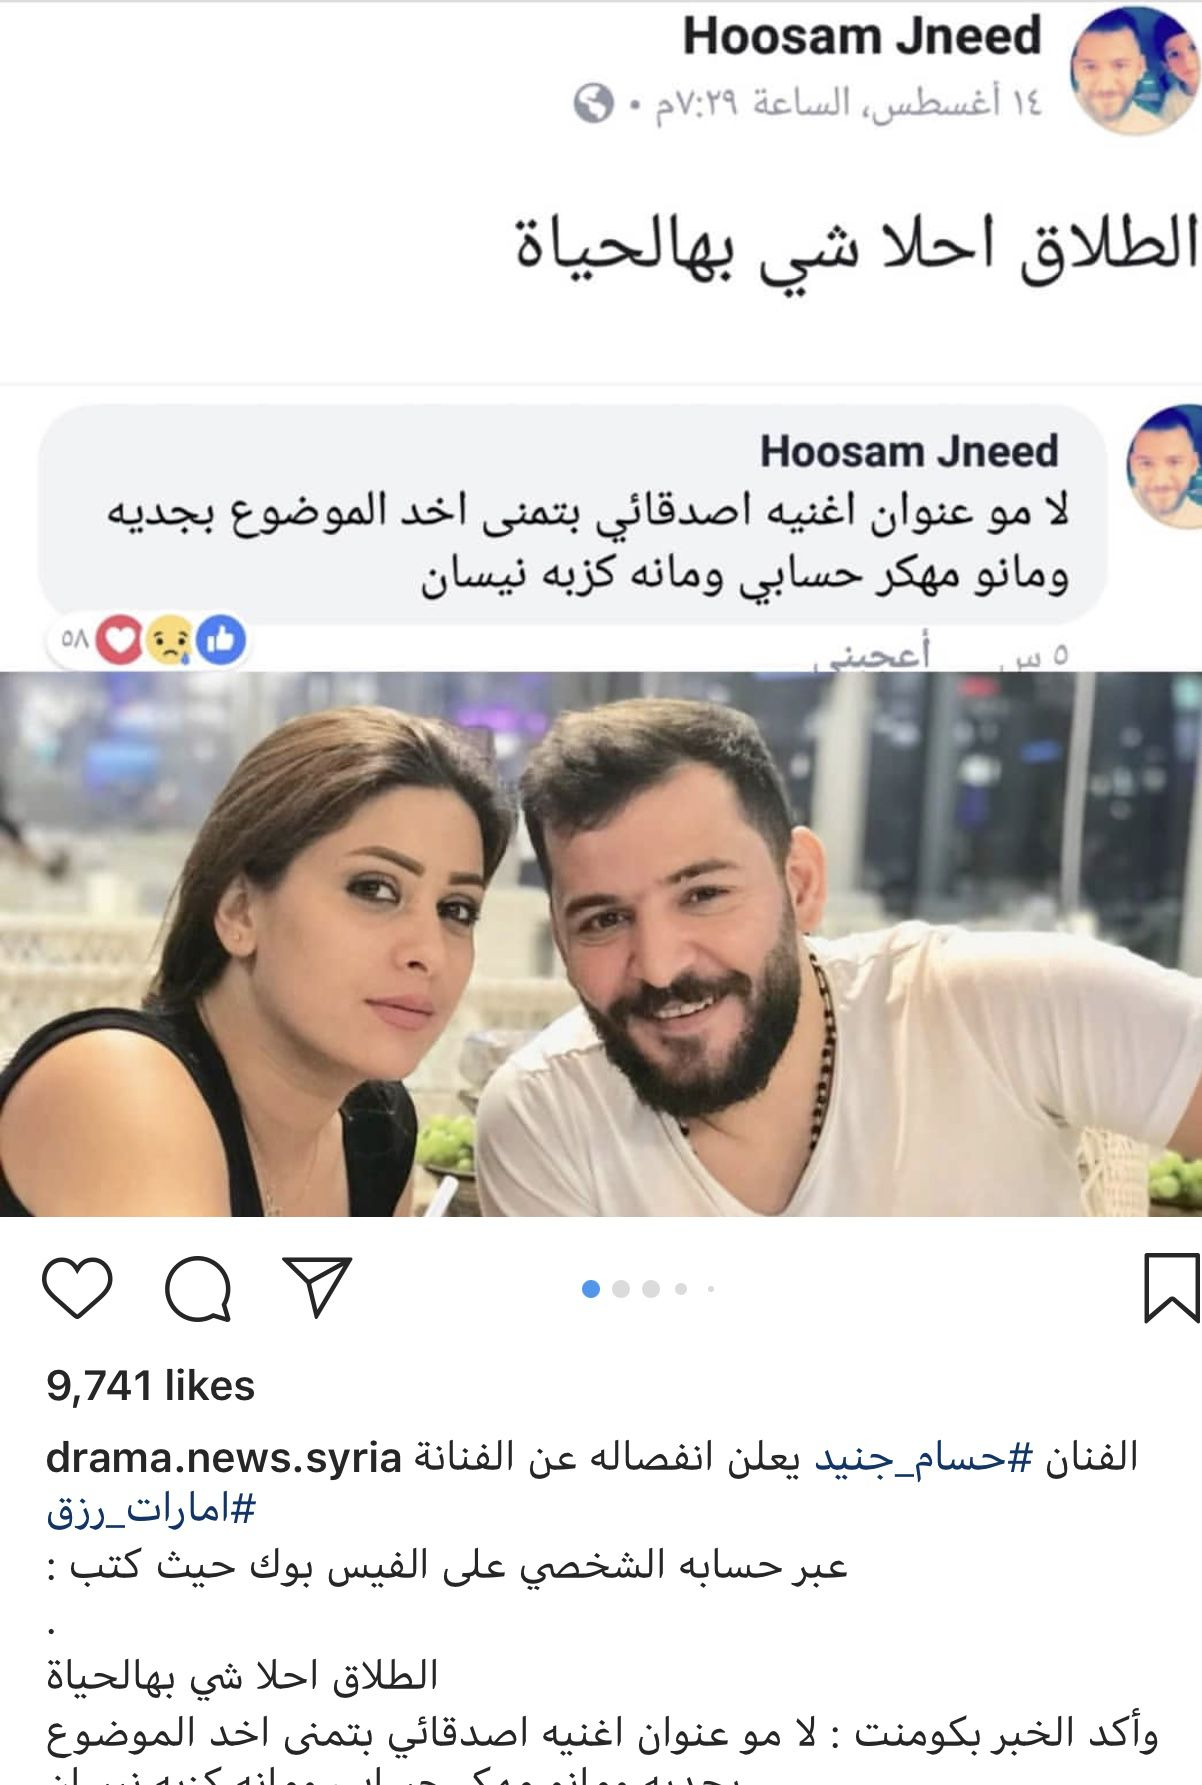 حسام جنيد يتحدث عن الطلاق